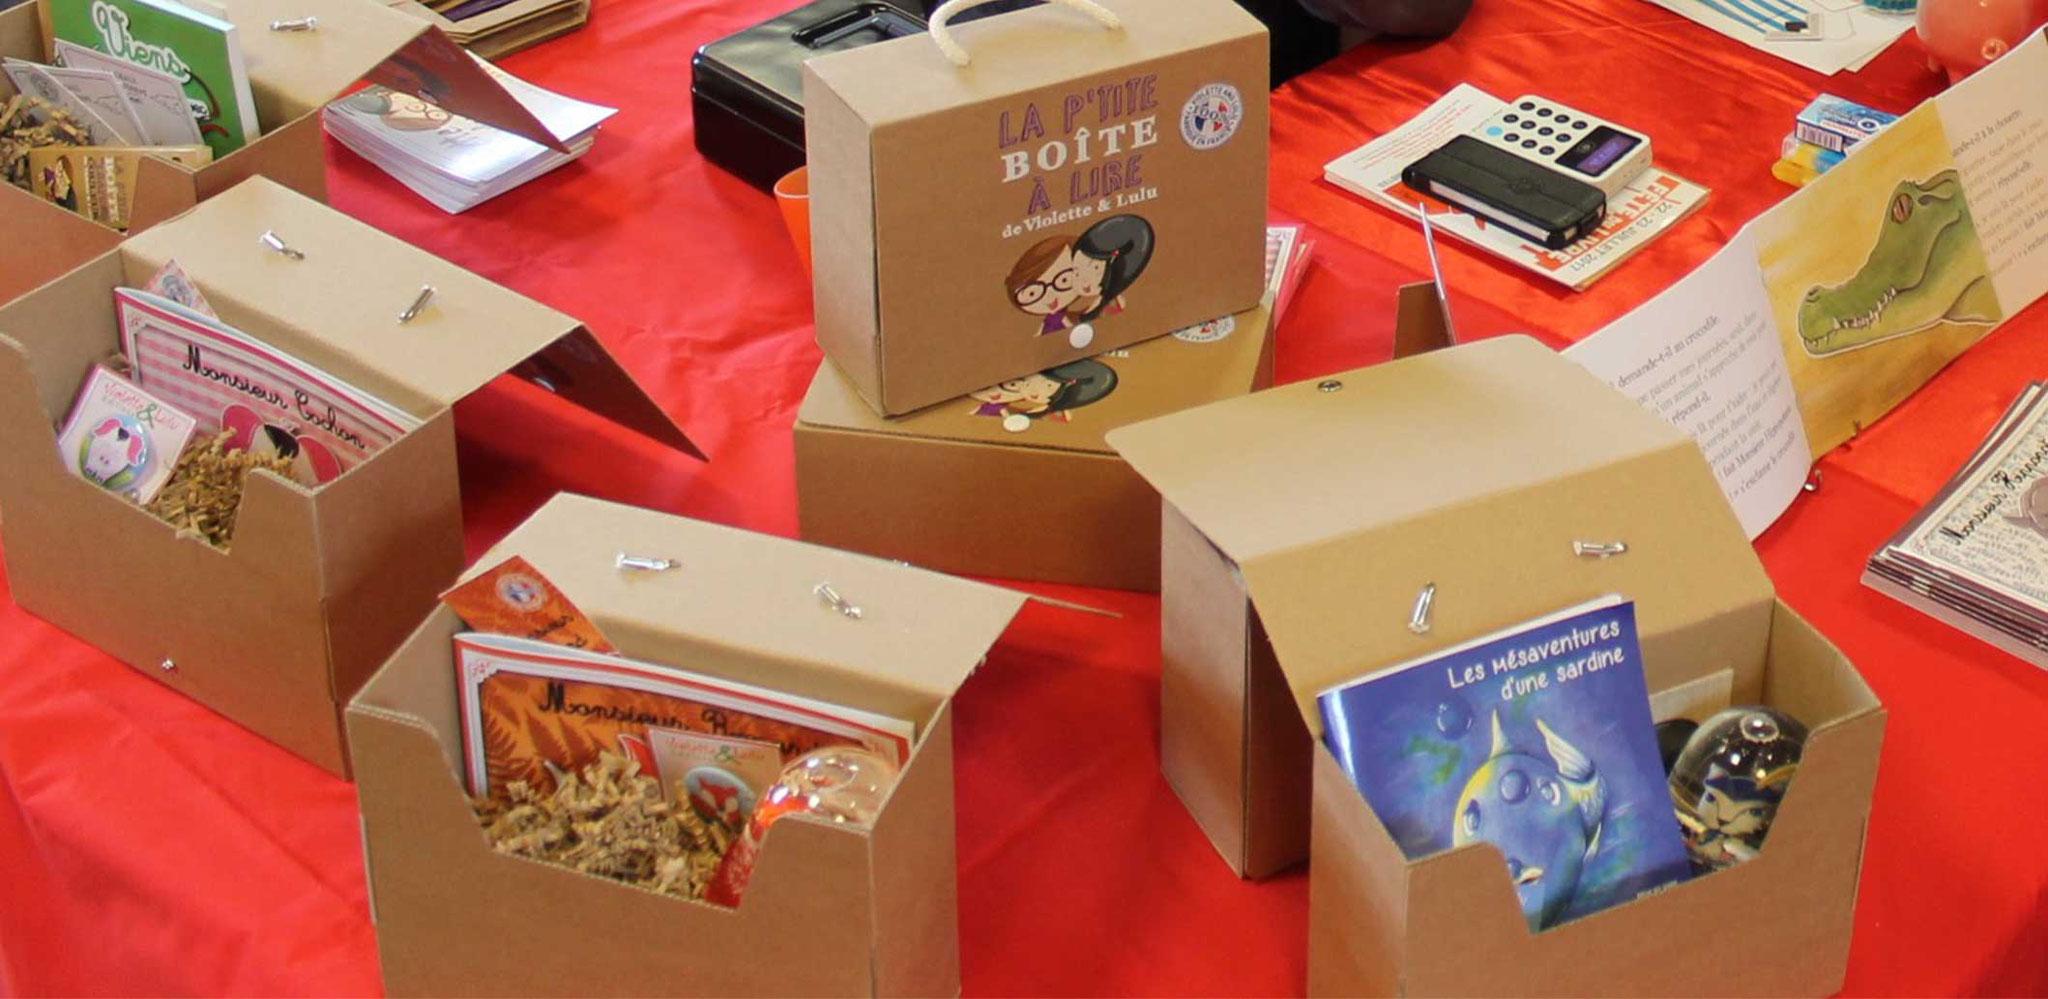 Les box littéraires des Editions Violette et Lulu au Salon du Livre d'Anost 2017